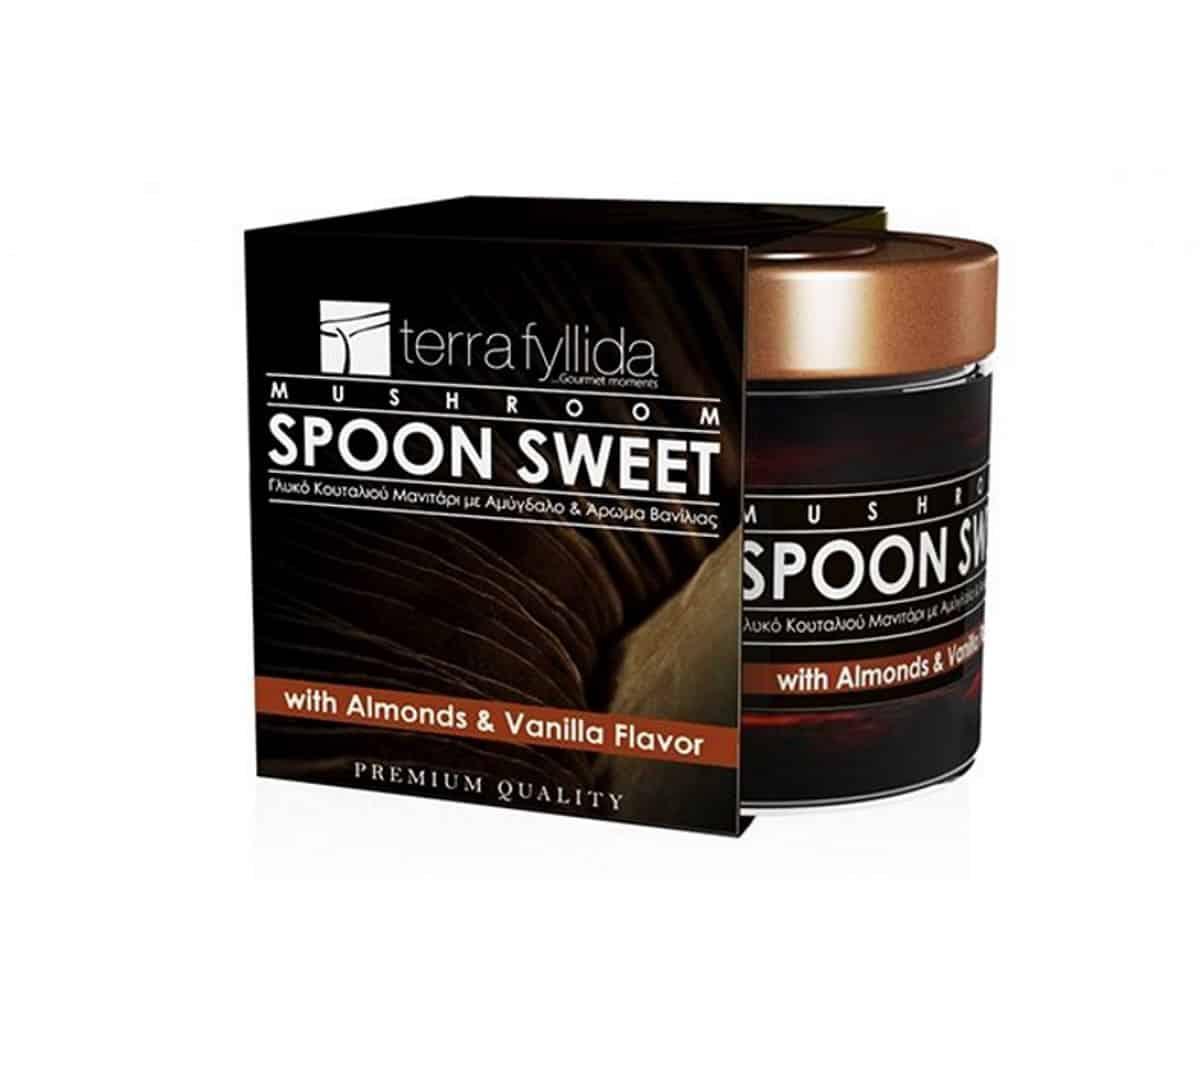 Mushroom Spoon Sweet